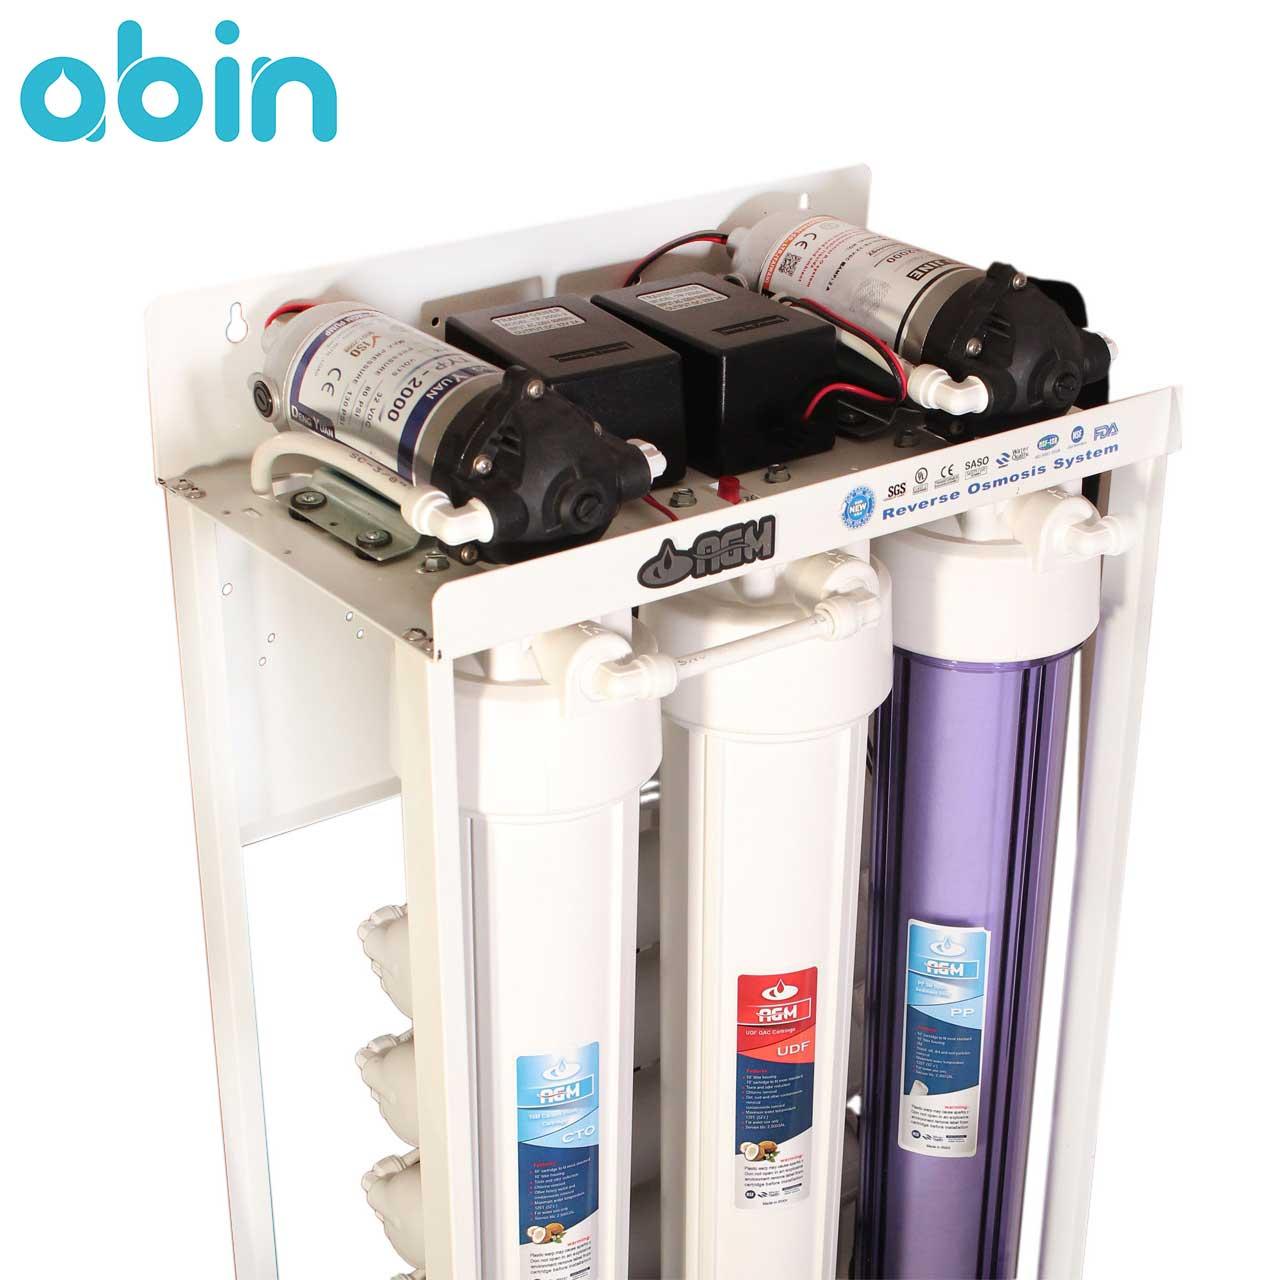 دستگاه تصفیه آب نیمه صنعتی اسمز معکوس 1600 لیتری